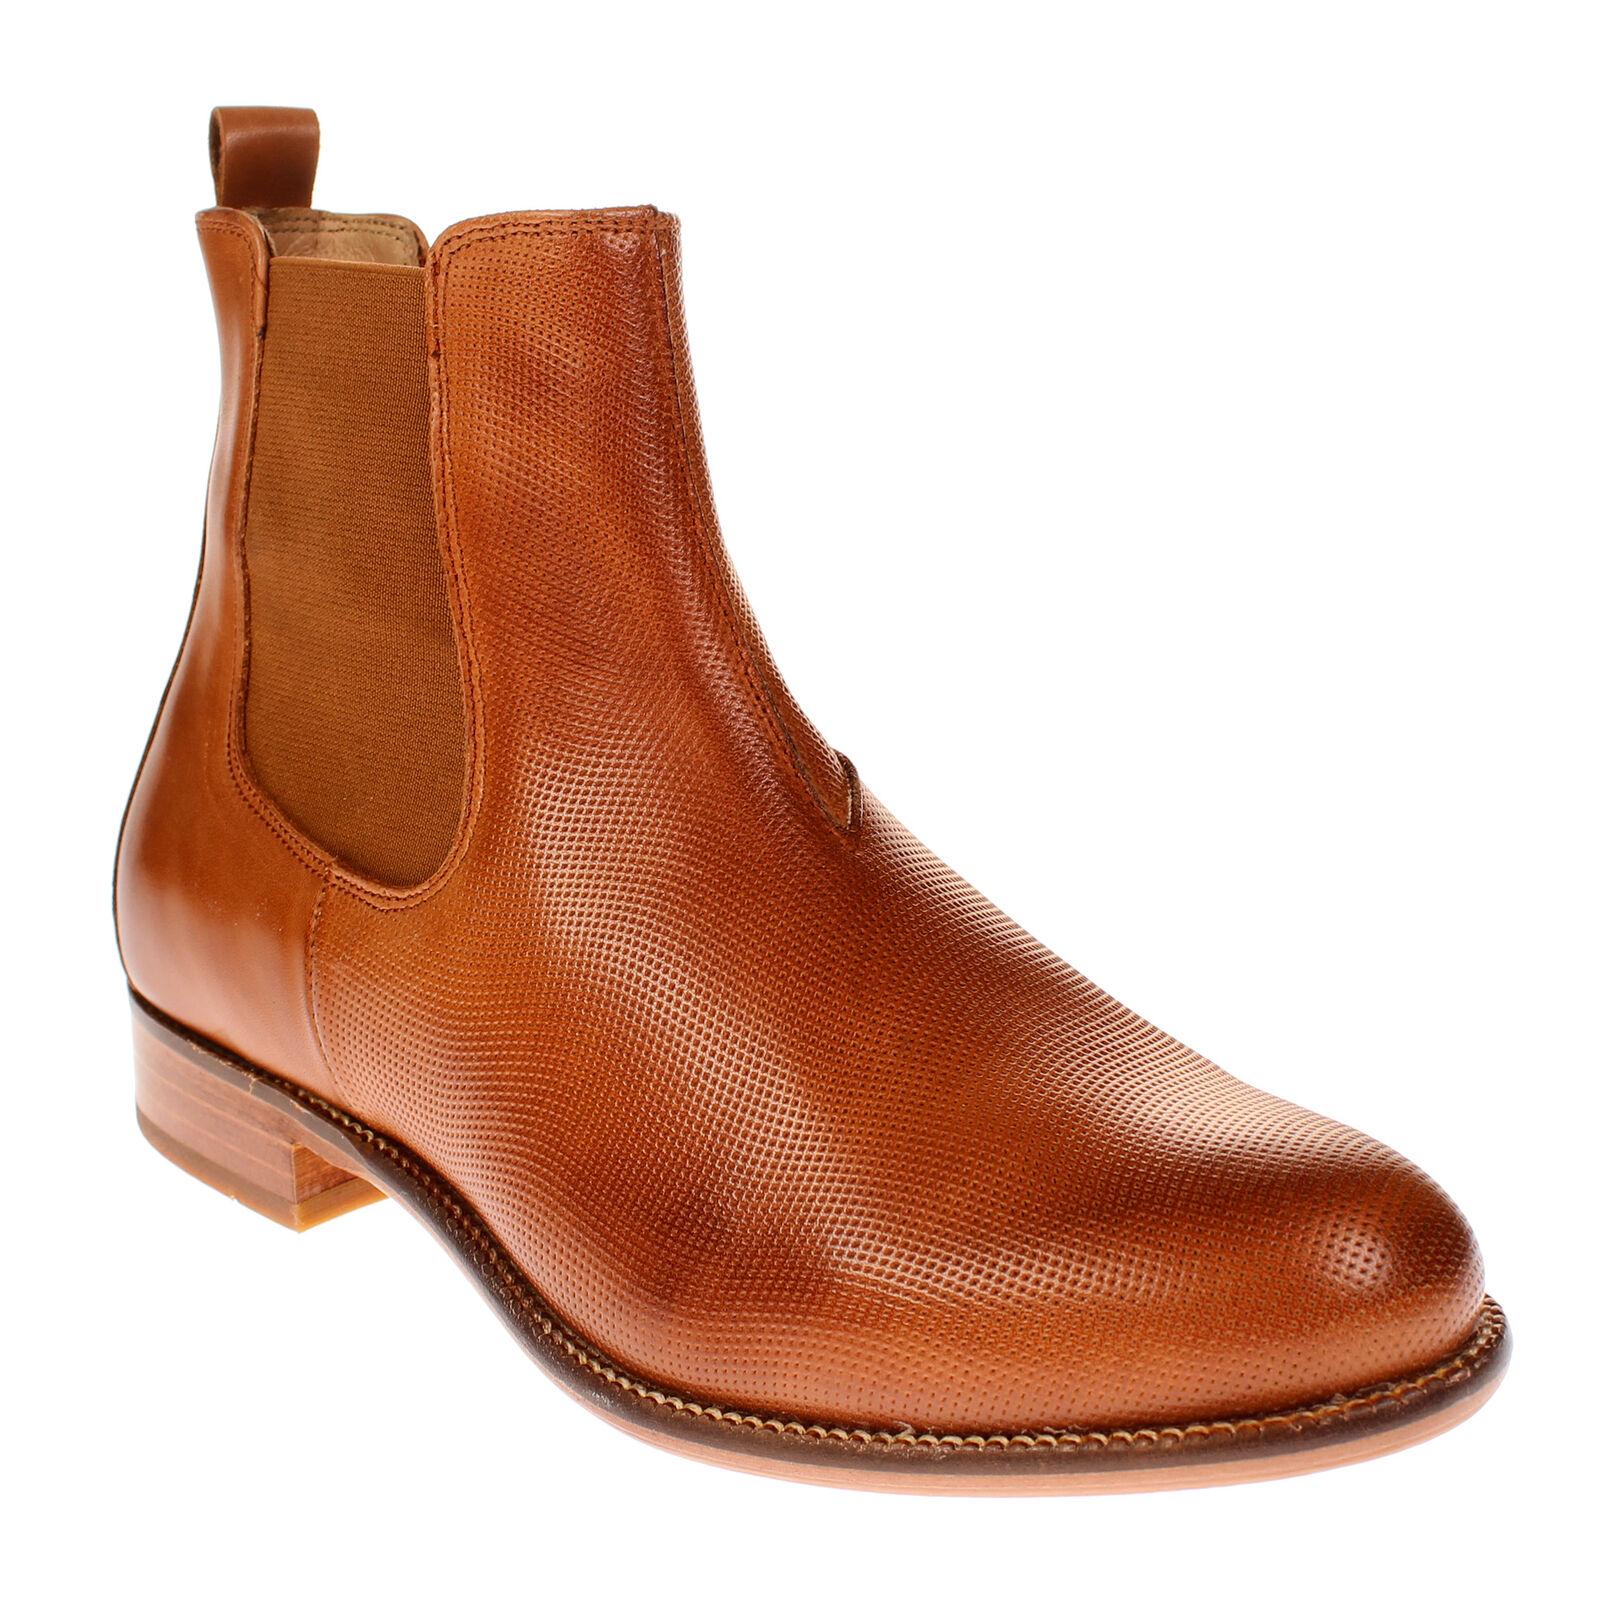 Ten points 205006 Linn-señora Linn-señora Linn-señora zapatos botines botas - 319-Cognac  online barato